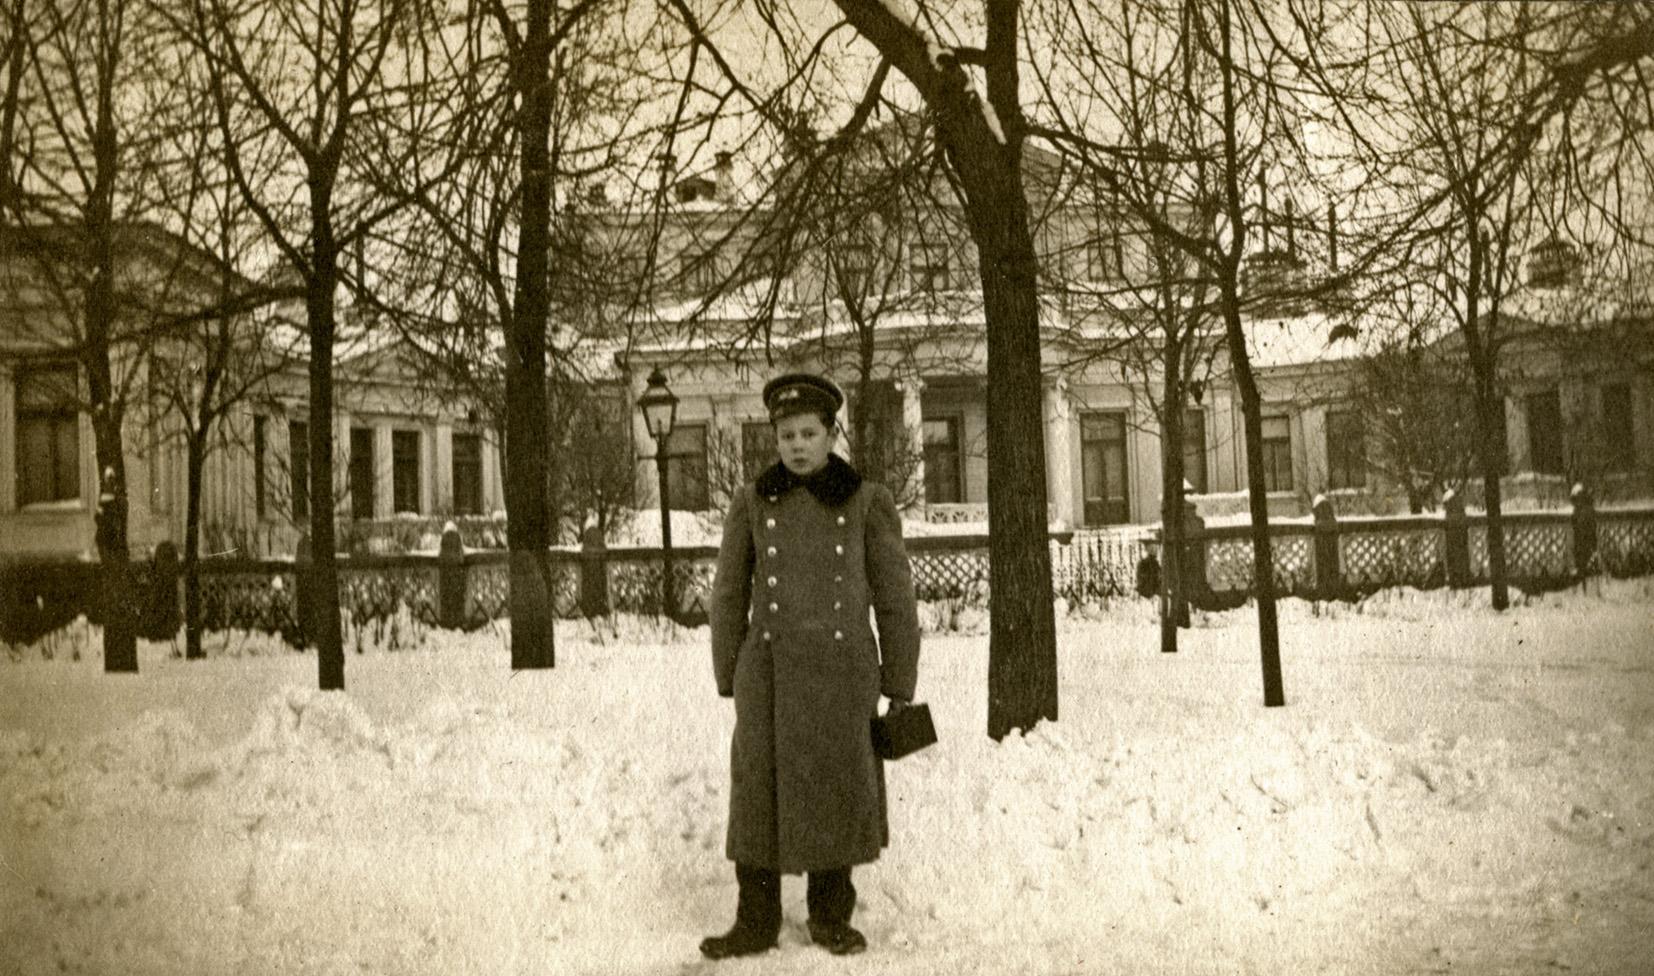 Гимназист на Смоленском бульваре - особняк М. Морозова